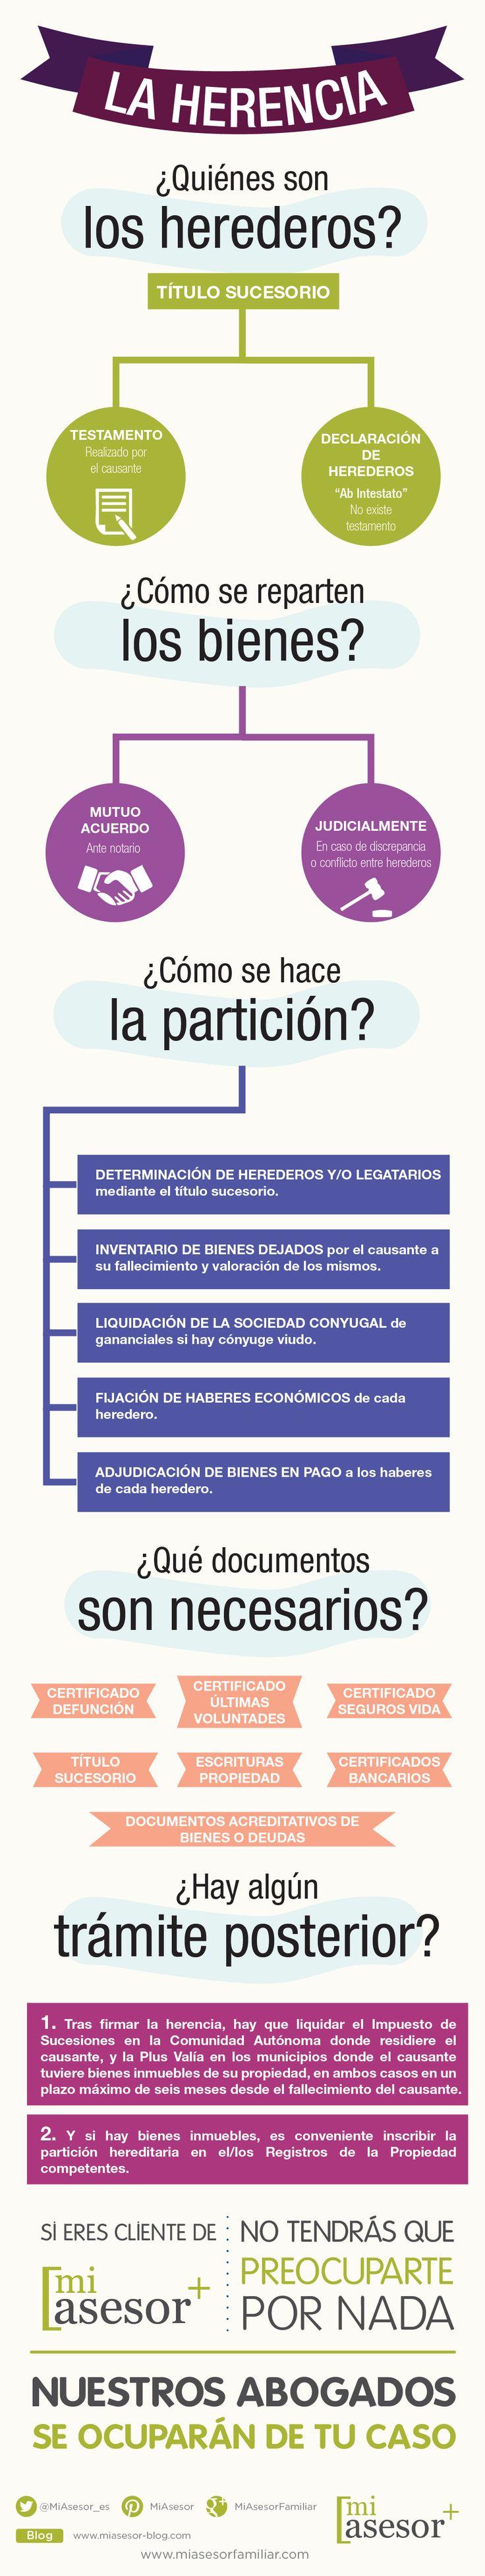 Hola: Una infografía sobre cómo se hacer el reparto de la Herencia. Vía Un saludo